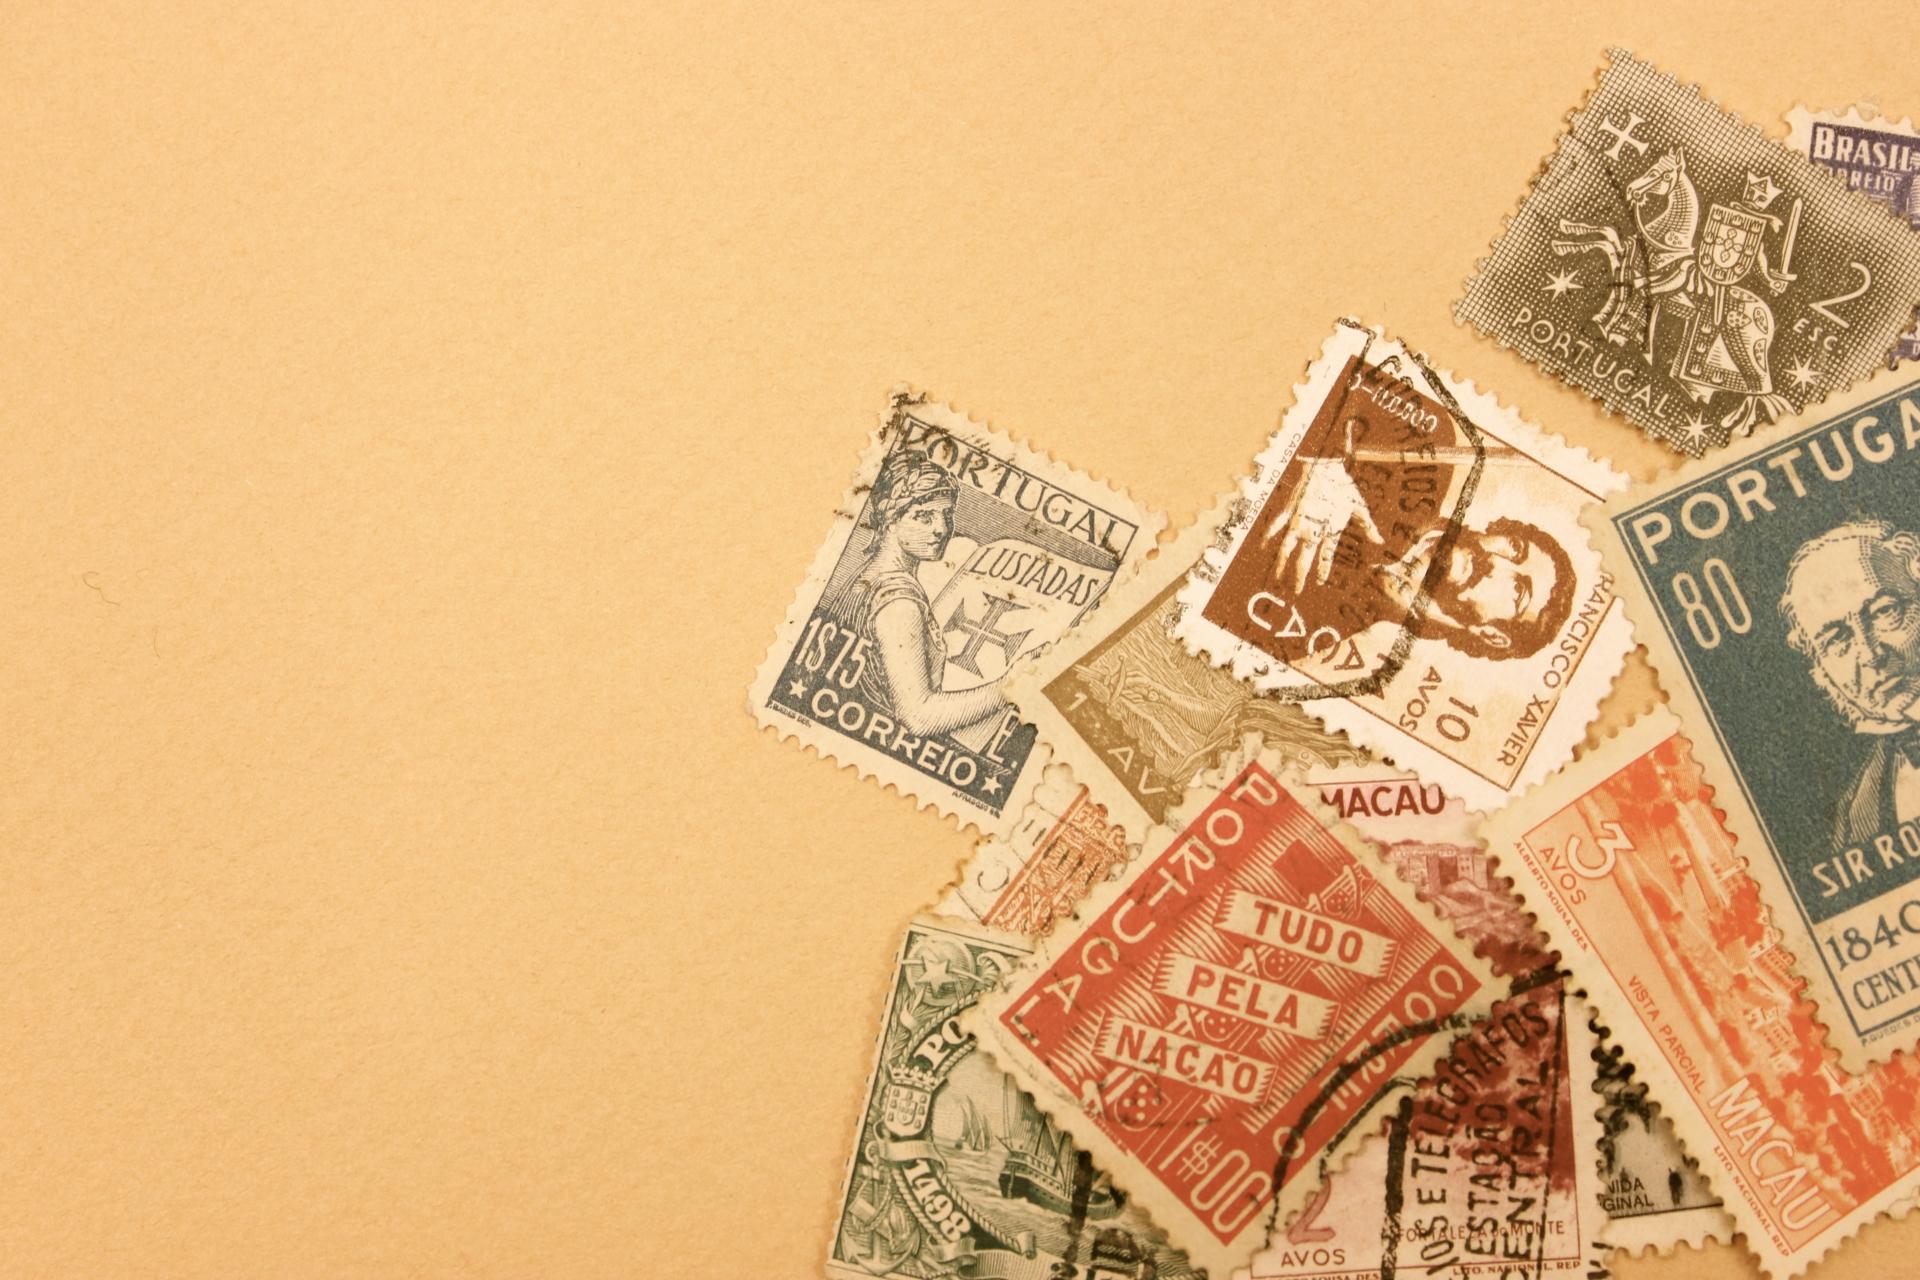 使用済み切手の寄付をするのはなぜ?使い道や切り取り方の方法